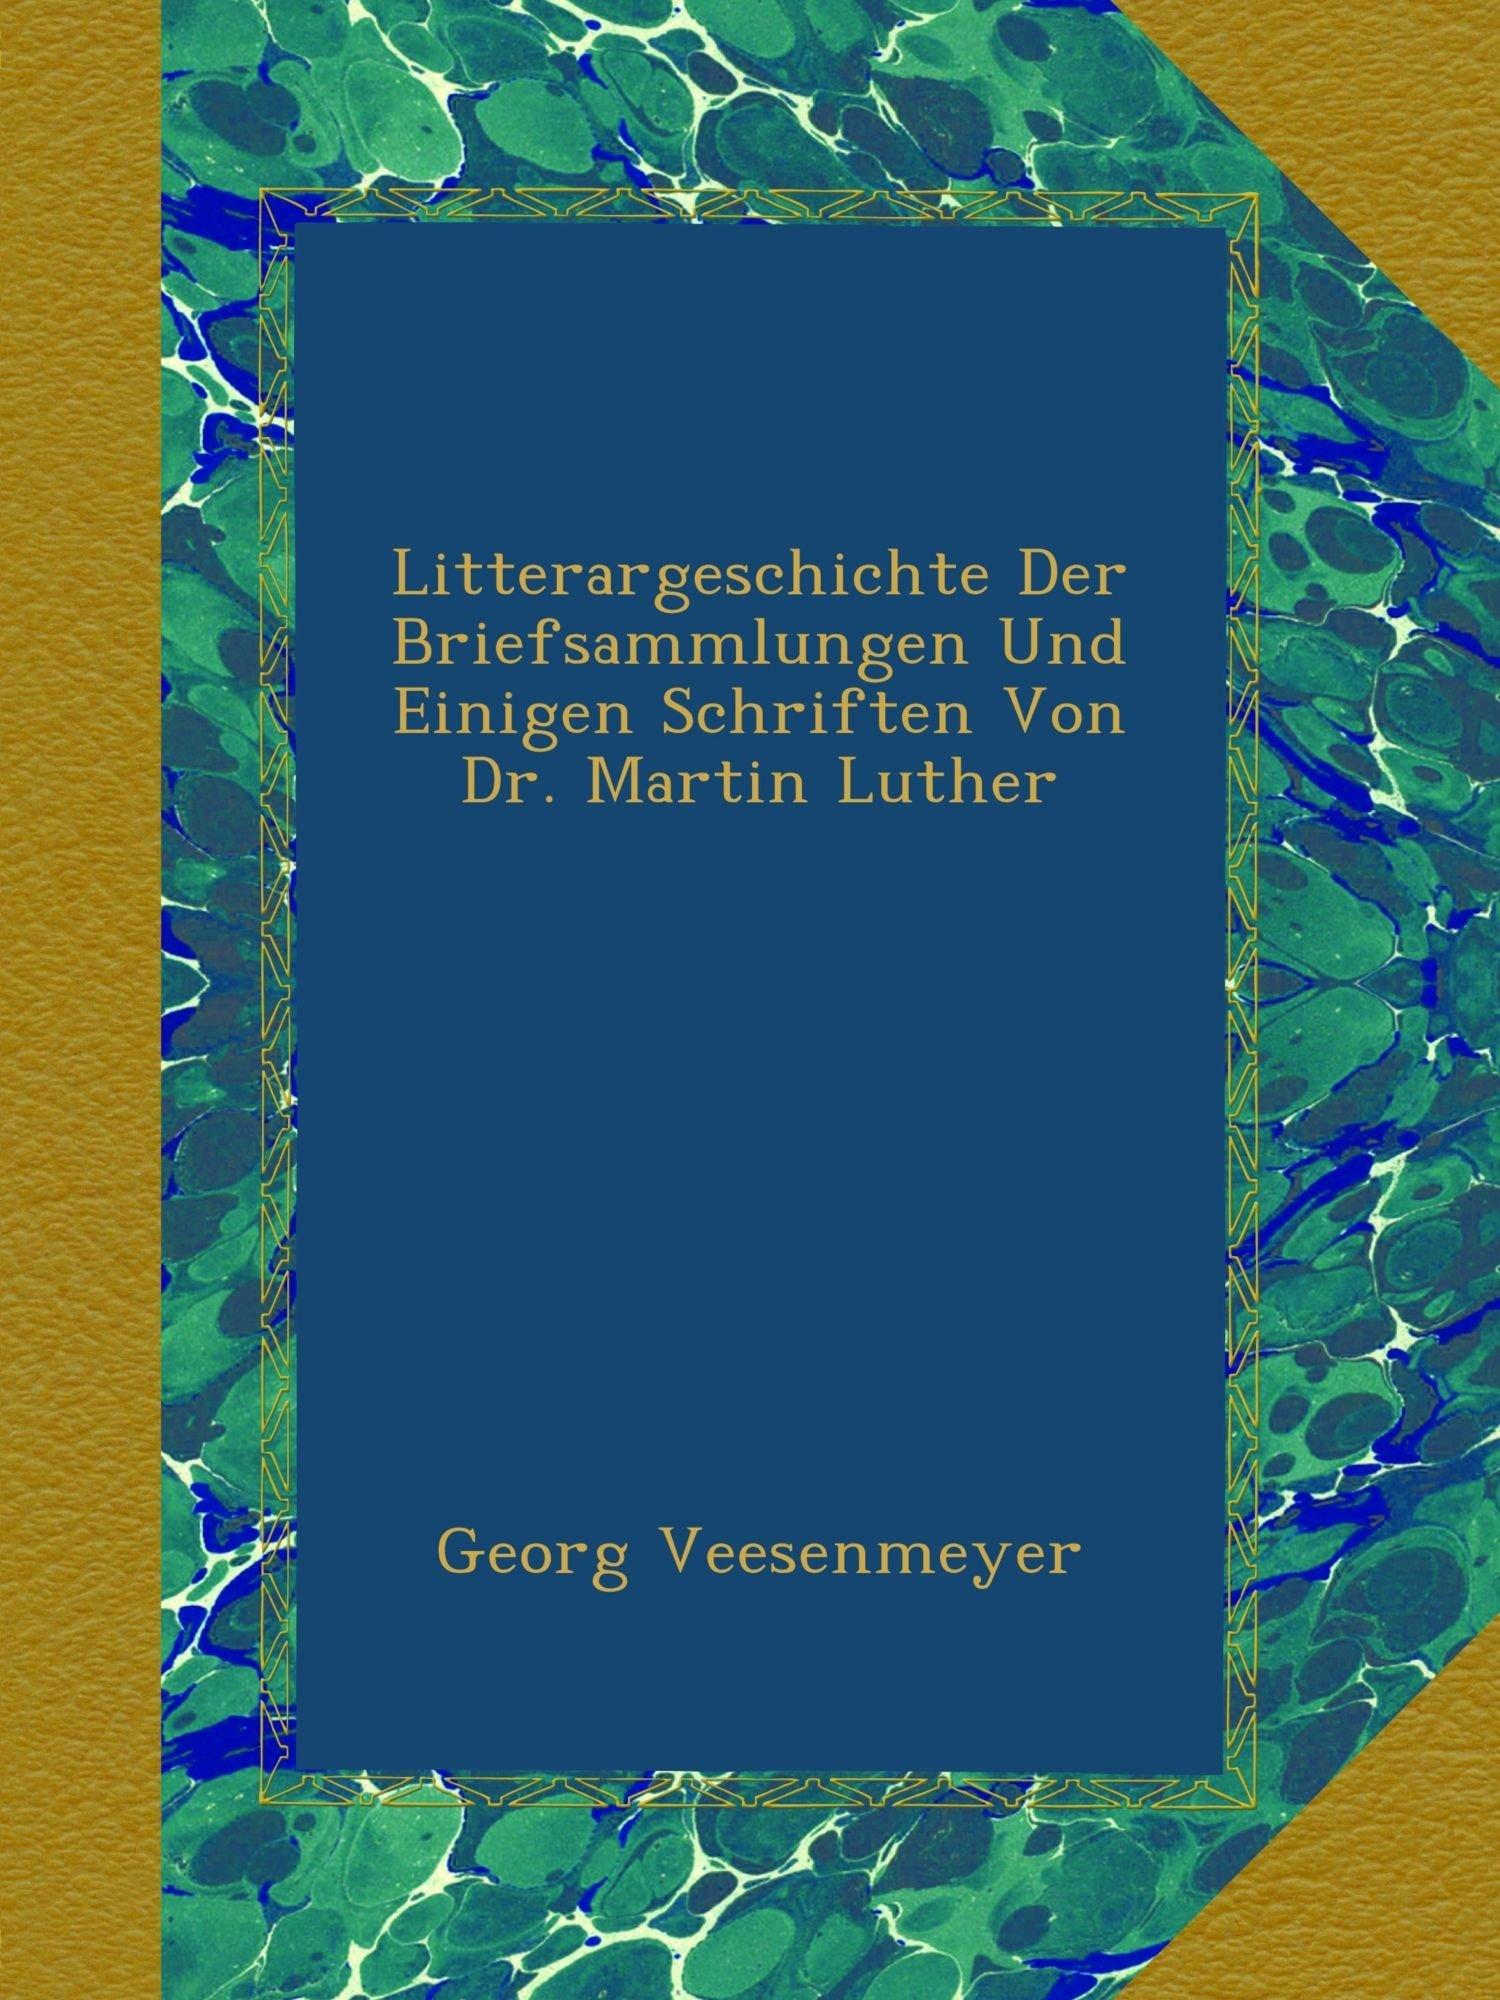 Download Litterargeschichte Der Briefsammlungen Und Einigen Schriften Von Dr. Martin Luther (German Edition) ebook